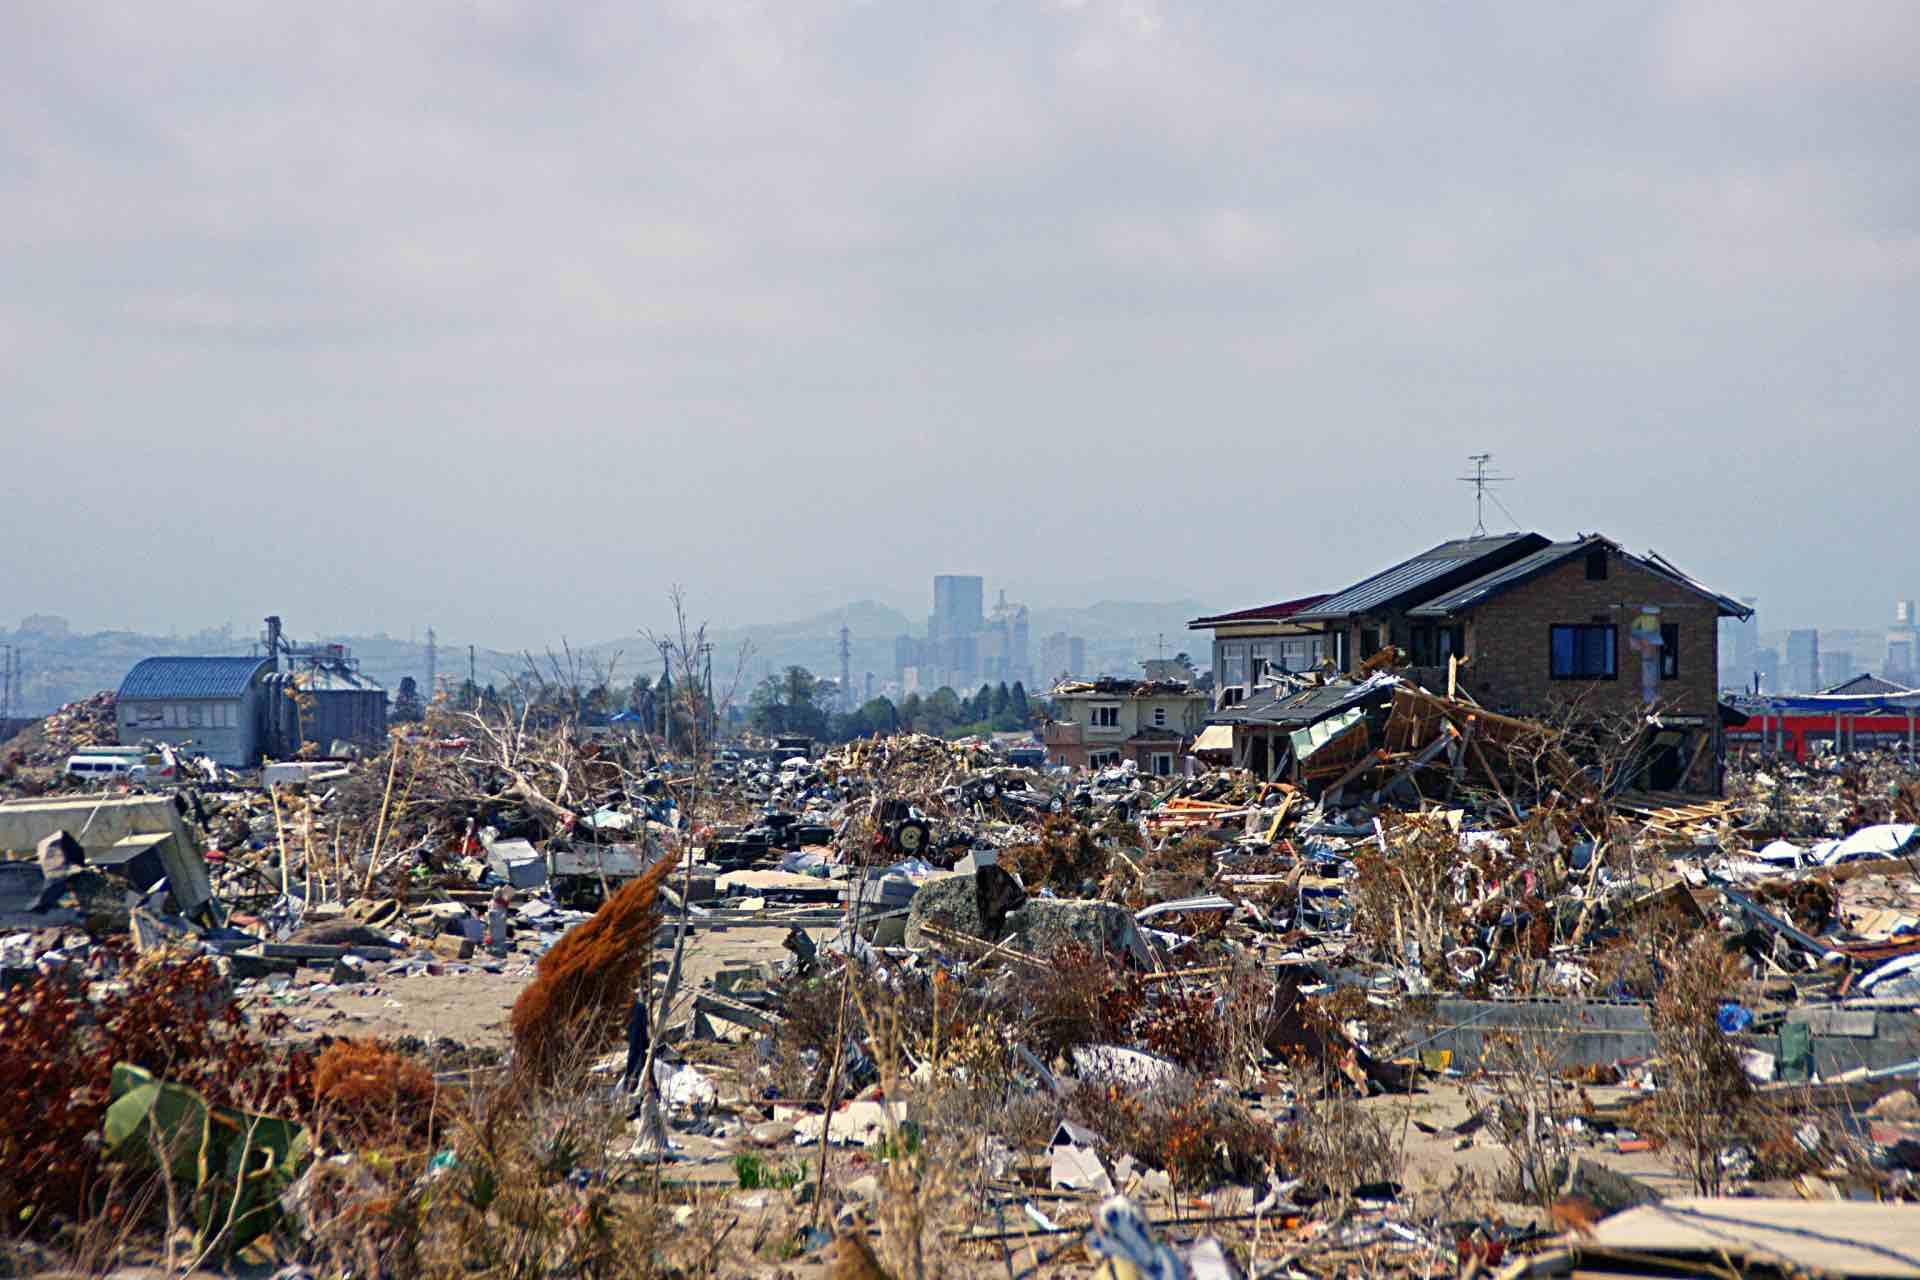 震災からもうすぐ6年。高齢者向けの被災地支援も減っていく・・・(ニュースを考える)